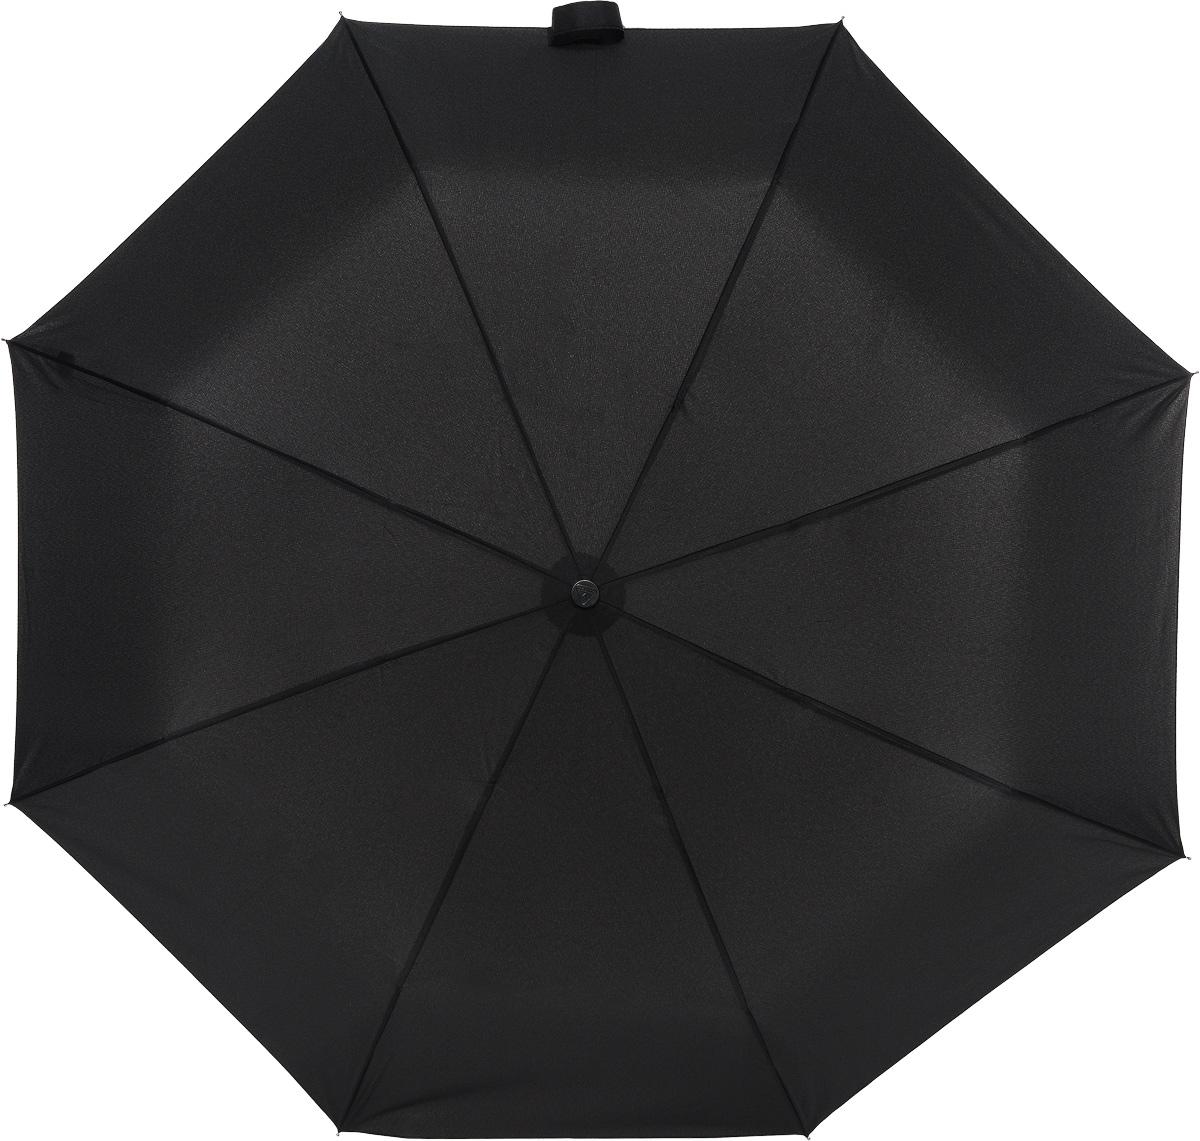 Зонт мужской Fulton, механика, 3 сложения, цвет: черный. G560-01REM12-CAM-GREENBLACKЗонт мужской Fulton надежно защитит от непогоды. Купол выполнен из выполнен из высококачественного полиэстера, который не пропускает воду.Каркас зонта, выполненный из прочного металла, состоит из восьми спиц. Зонт имеет механический тип сложения: открывается и закрывается вручную до характерного щелчка. Удобная пластиковая ручка оснащена шнурком, с помощью которого зонт можно носить на запястье. Также к зонту прилагается чехол.